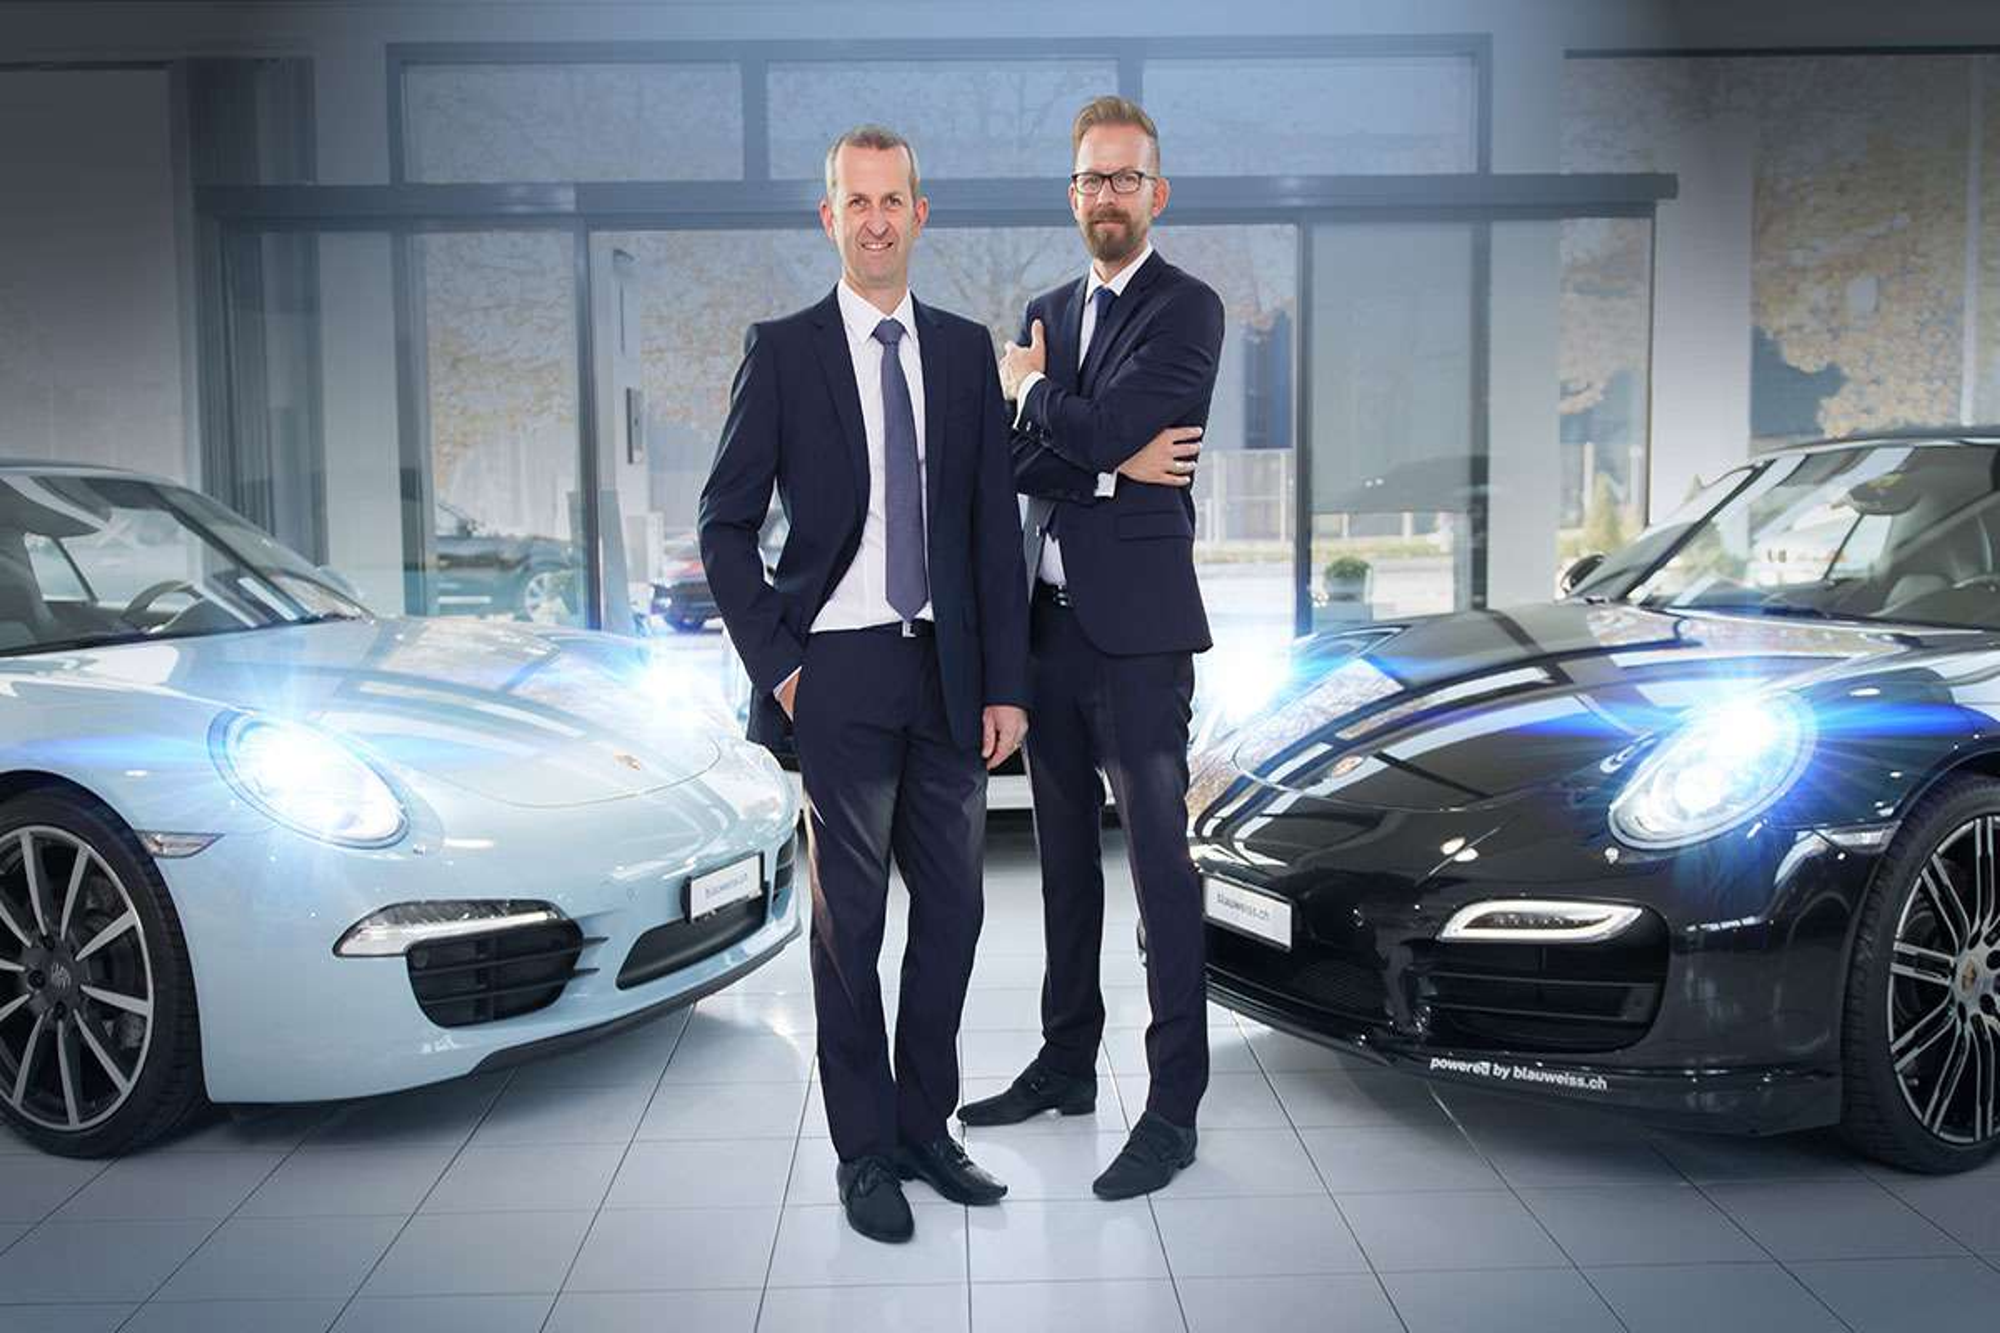 Leistungen der Blauweiss Garage in Steinhausen, Zug. verkauf-ID14-0.jpeg?v=1578820216